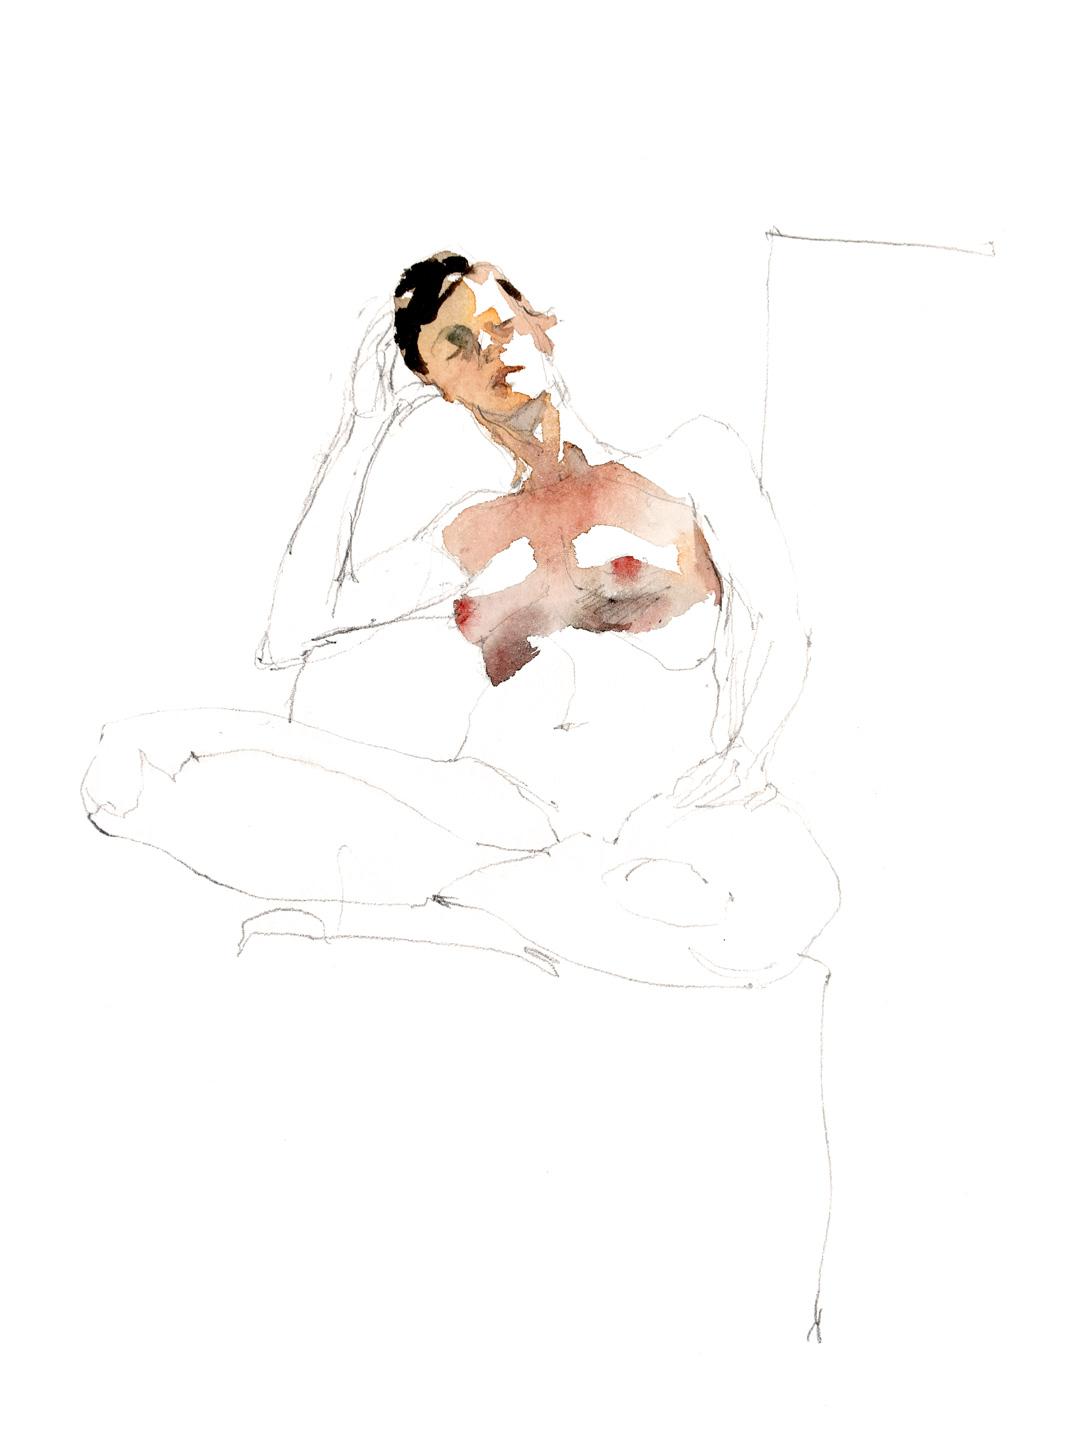 Modèle nue - Femme assise